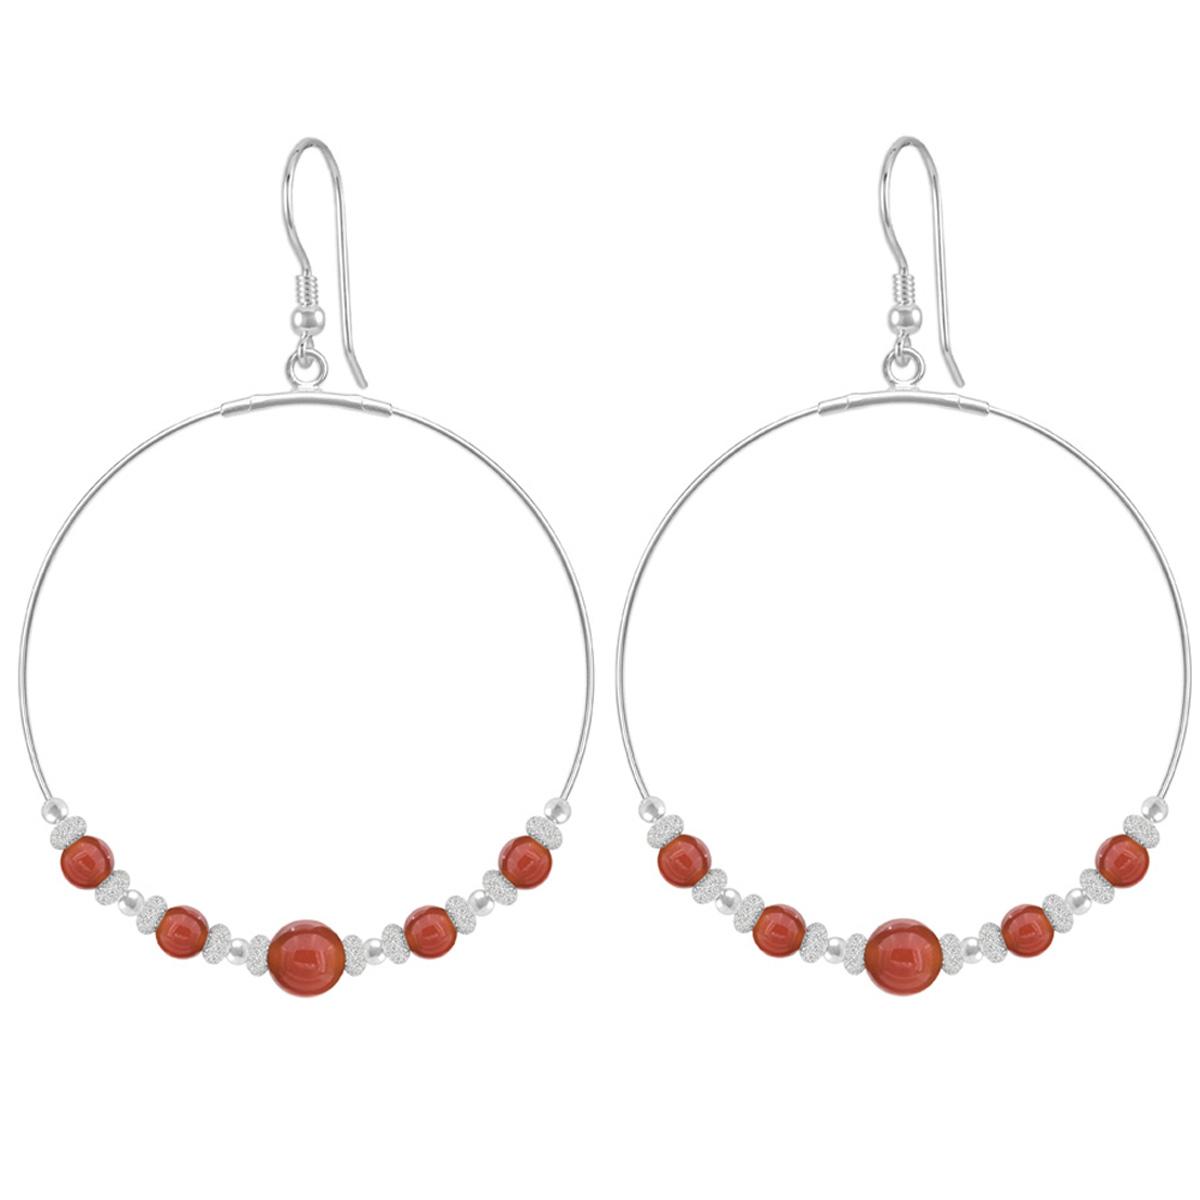 Boucles d\'oreilles argent artisanales \'Mineralia\' agate rouge argenté - 50 mm 6x6 mm - [Q4304]